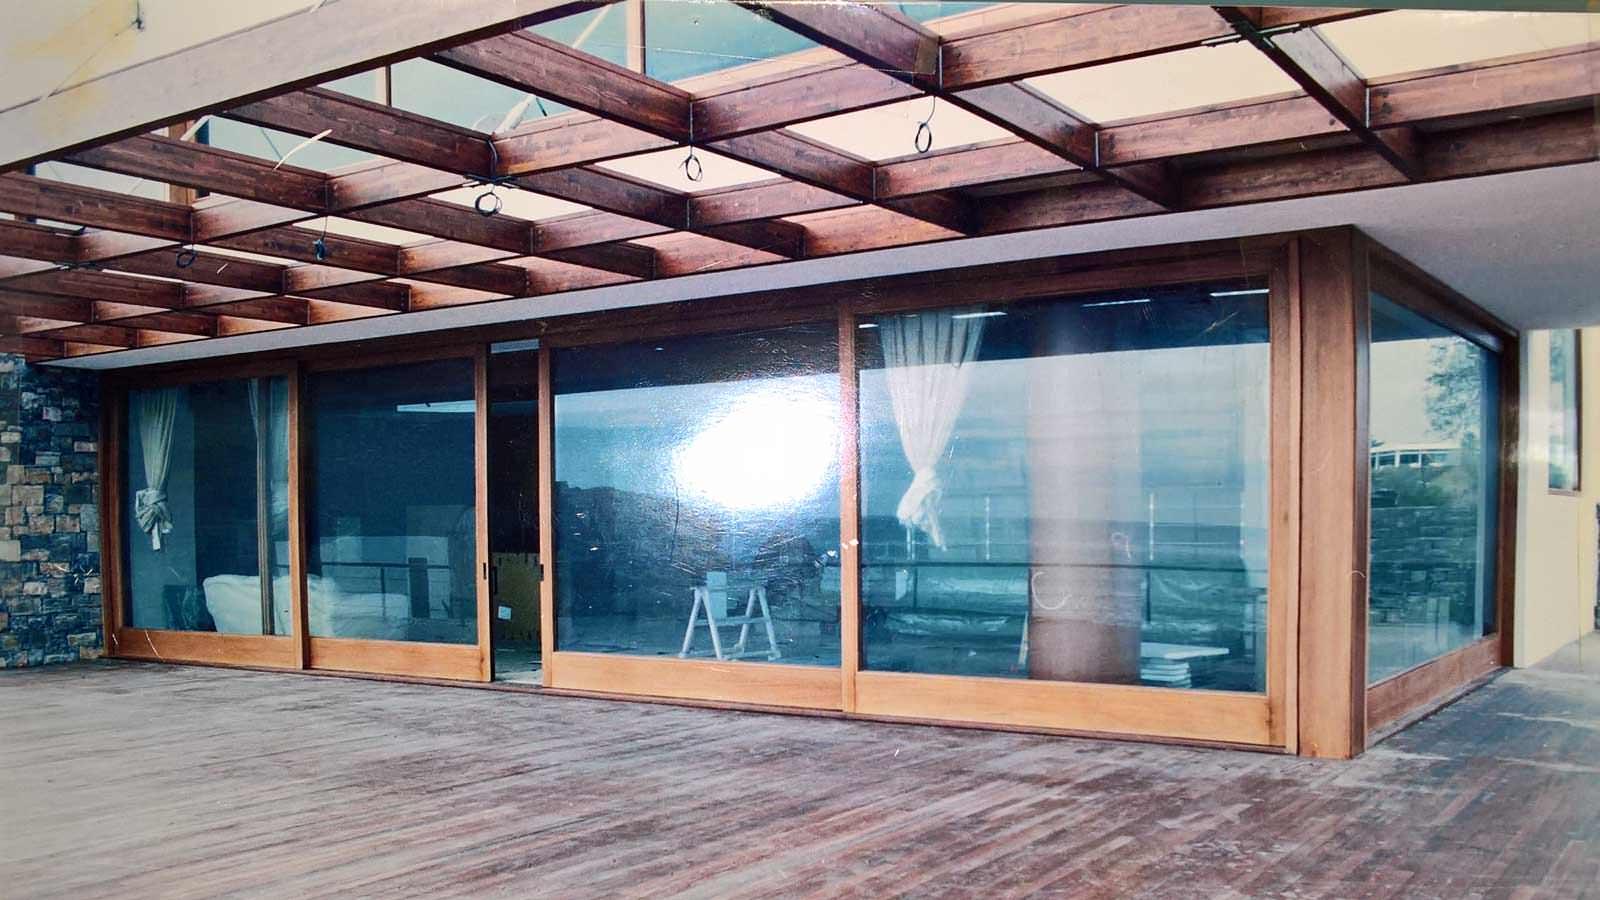 Εξωτερική επάλληλη τετράφυλλη πόρτα μήκους 14μ ξύλου NIAGON